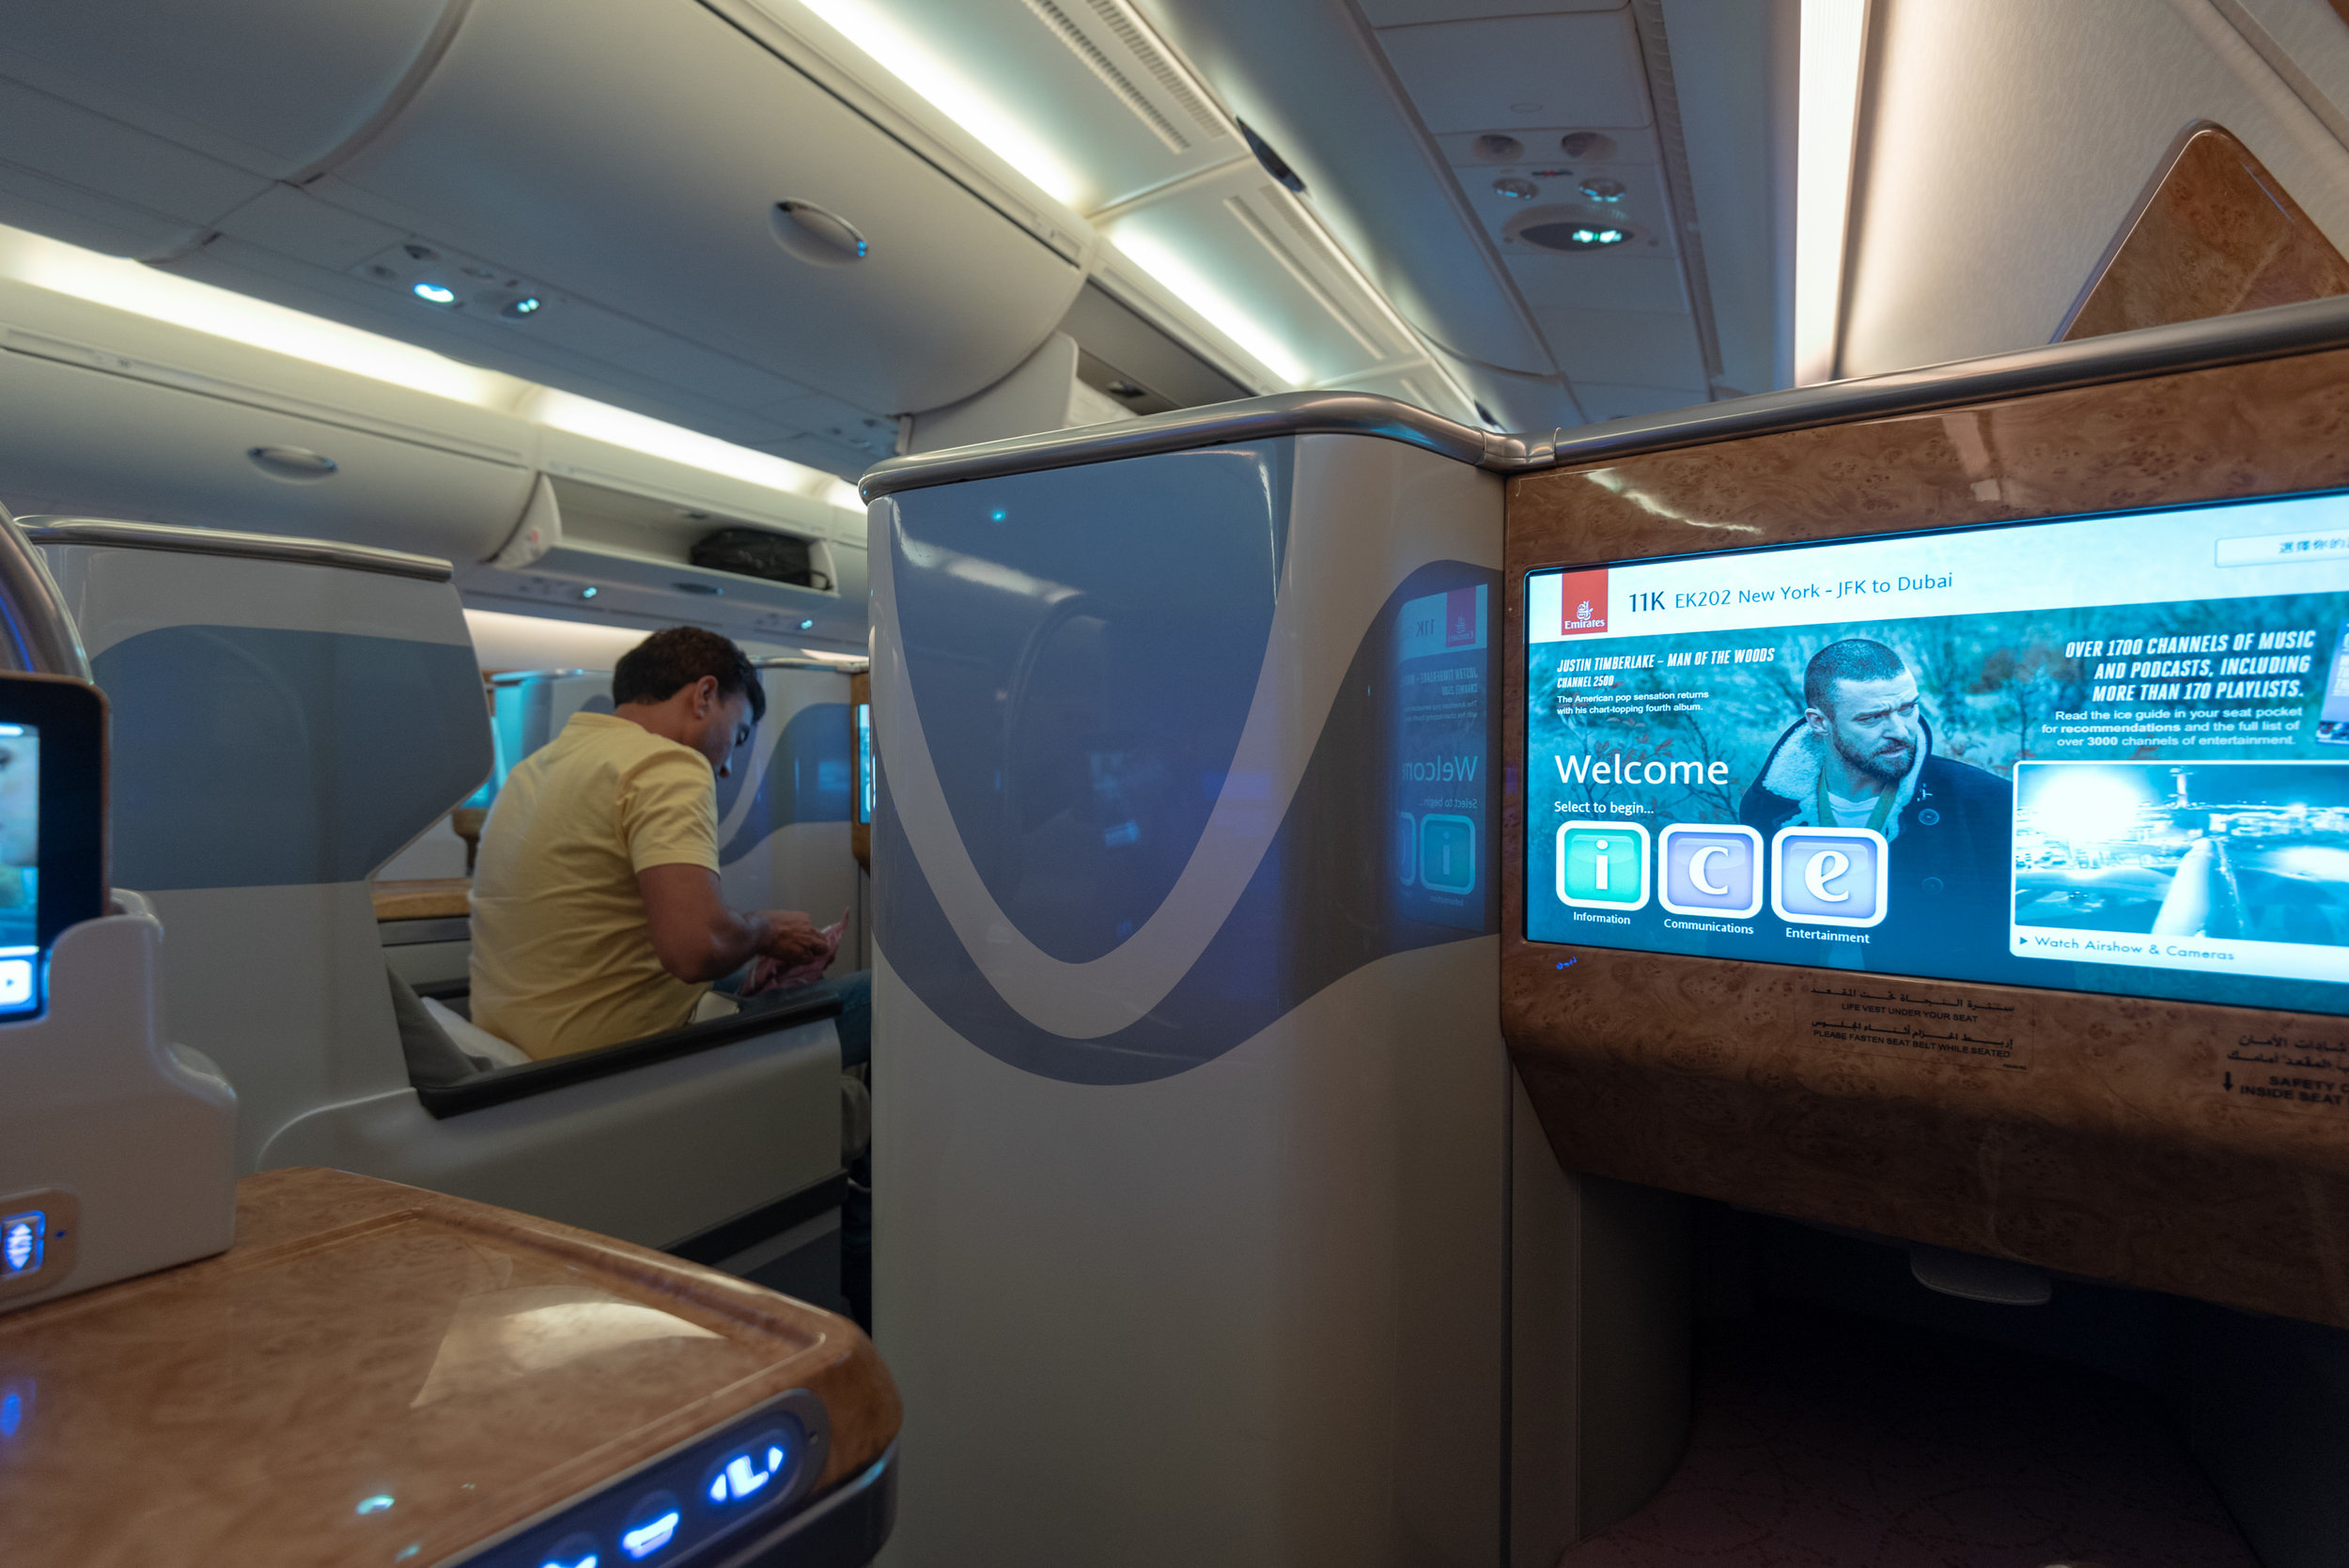 Business Class Cabin  Emirates Business Class EK202 A380-800 - JFK to DXB